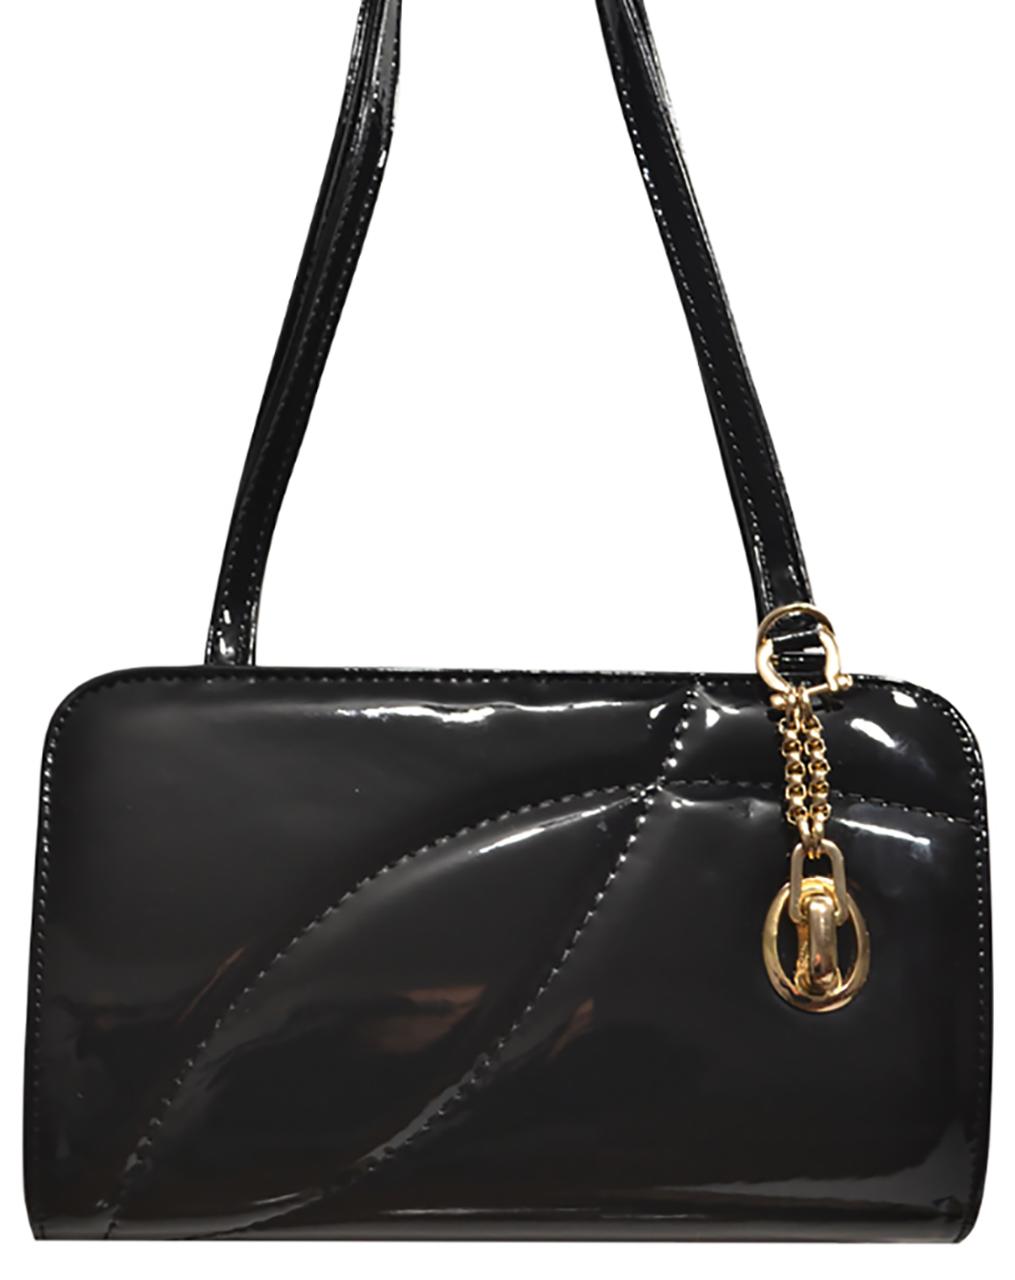 50557e57e89e L-S Клатч лаковый черный стильный нарядный - Женские сумки оптом и в  розницу купить дешево от